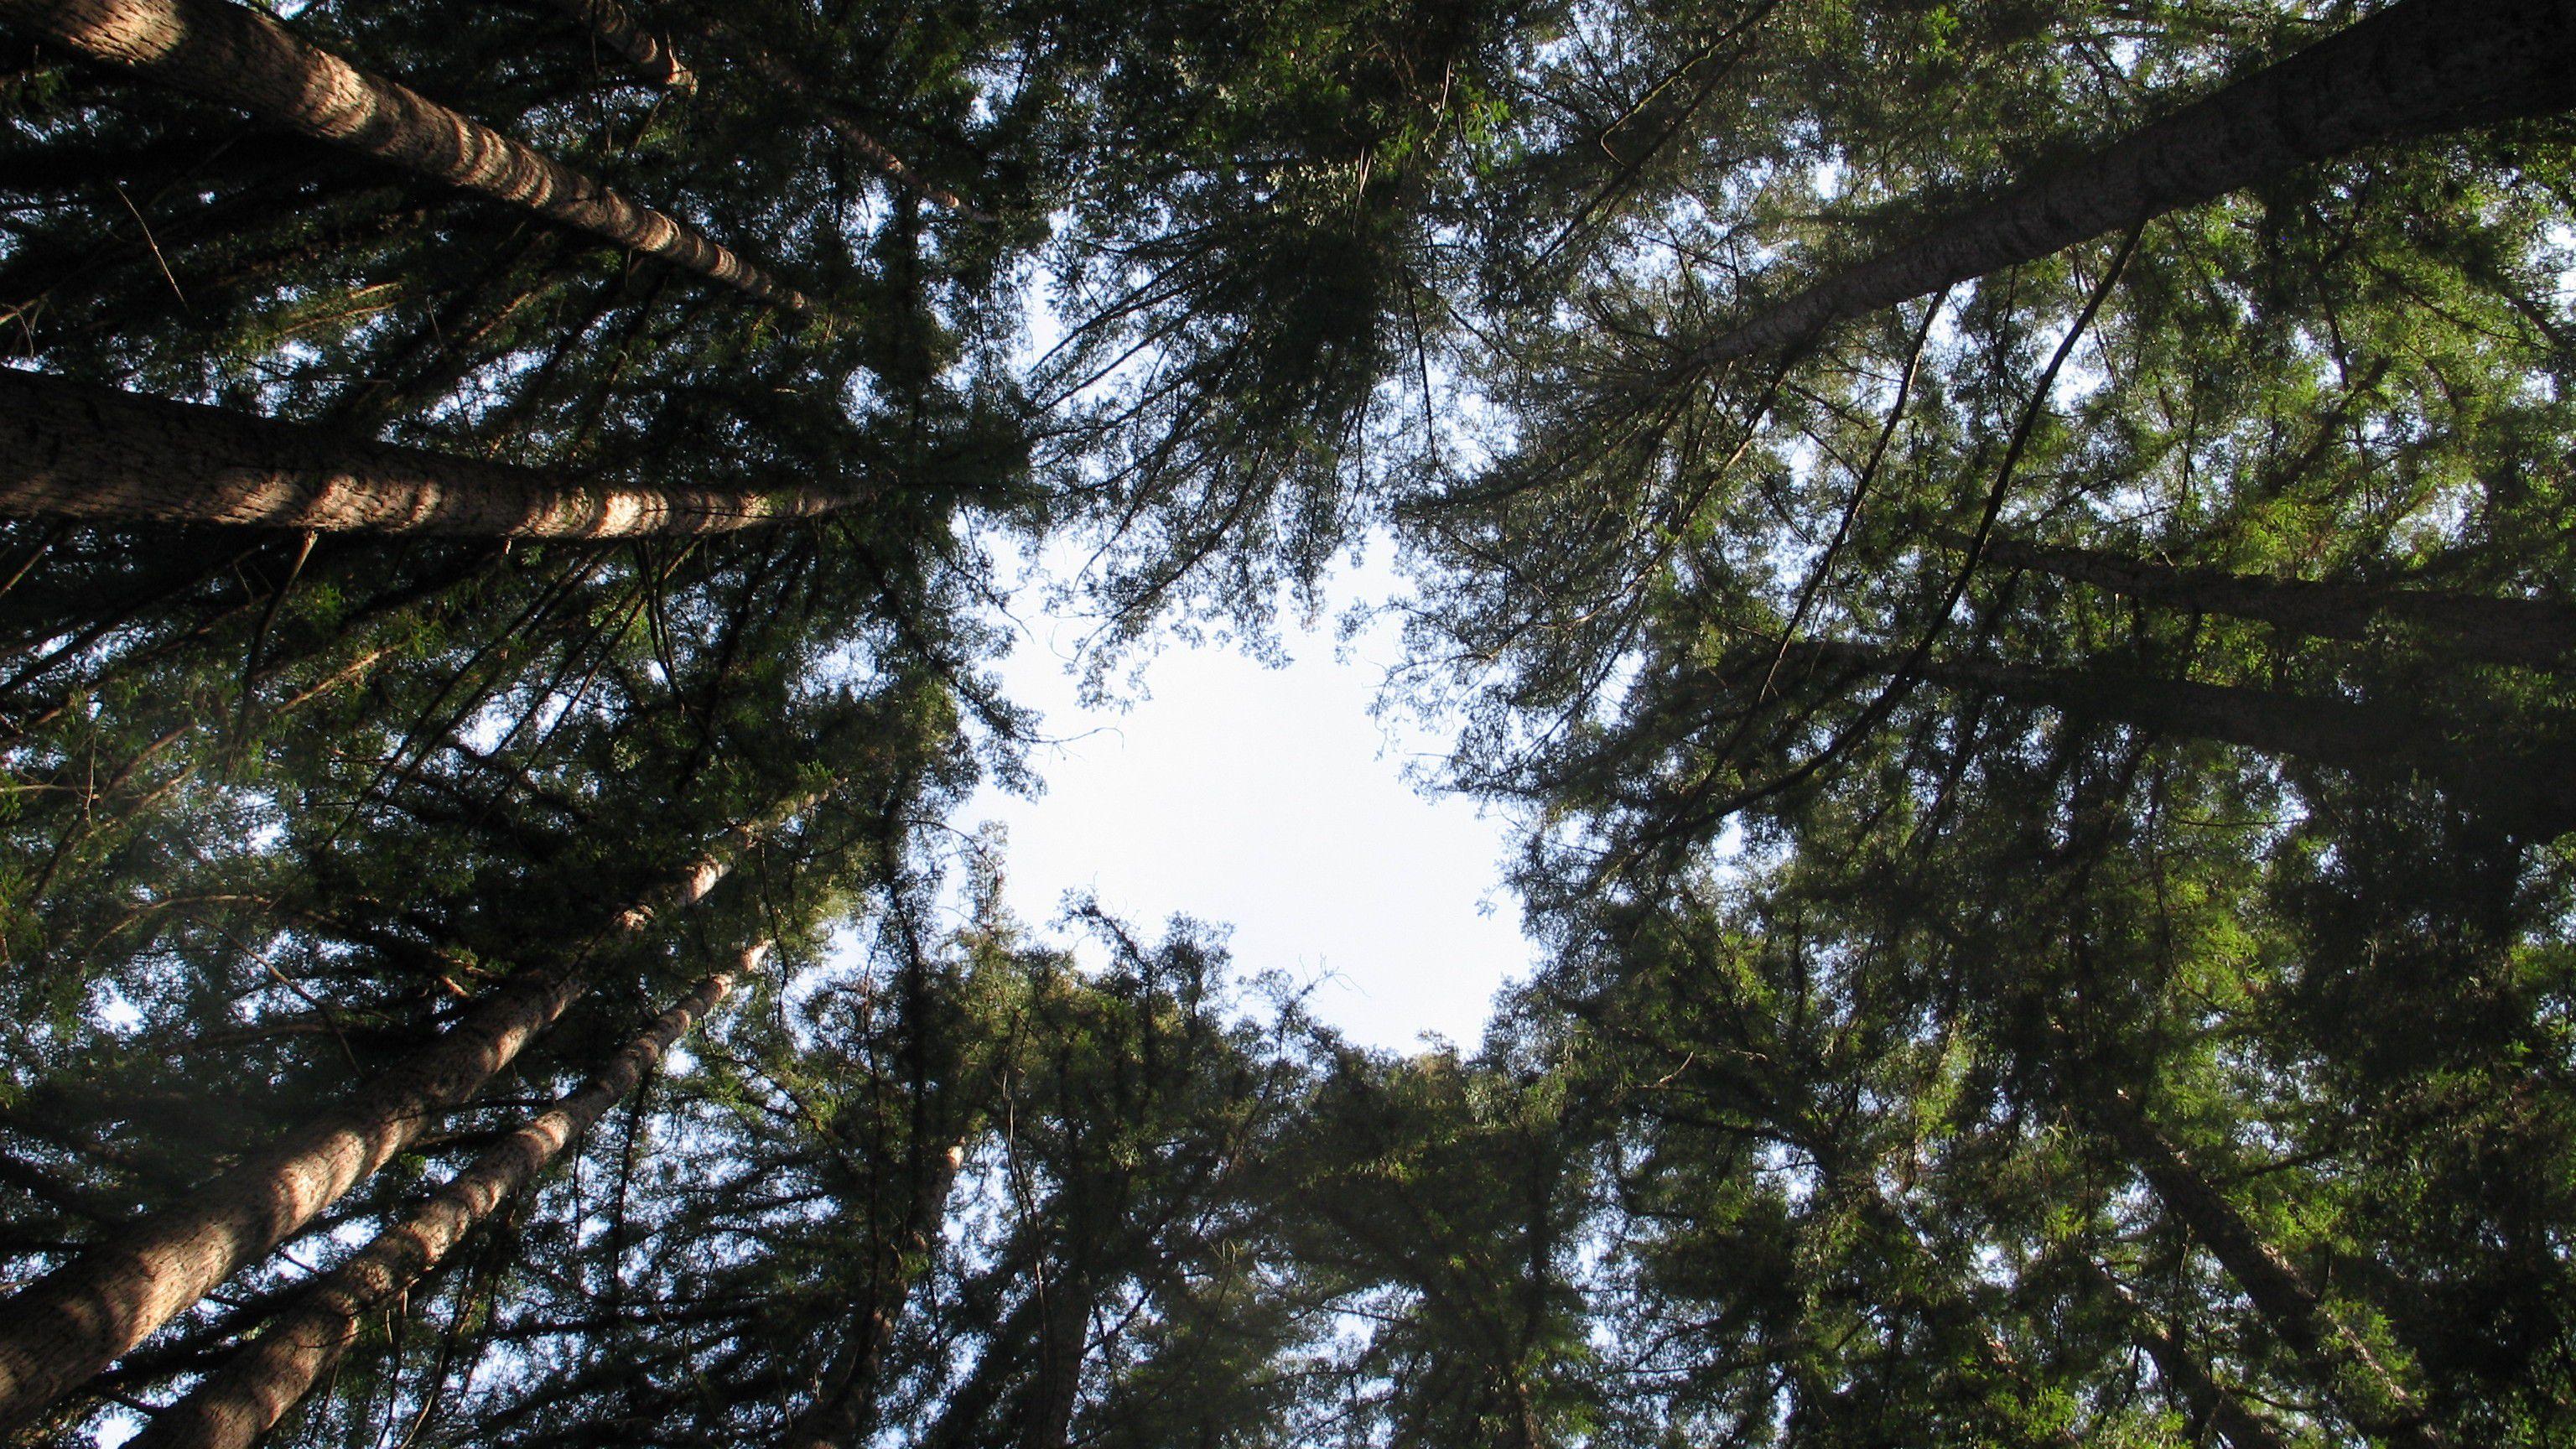 Ağaçlar Neden ve Nasıl Evrimleşti? Devasa Boyutlara Ulaşmayı Nasıl Başardılar?